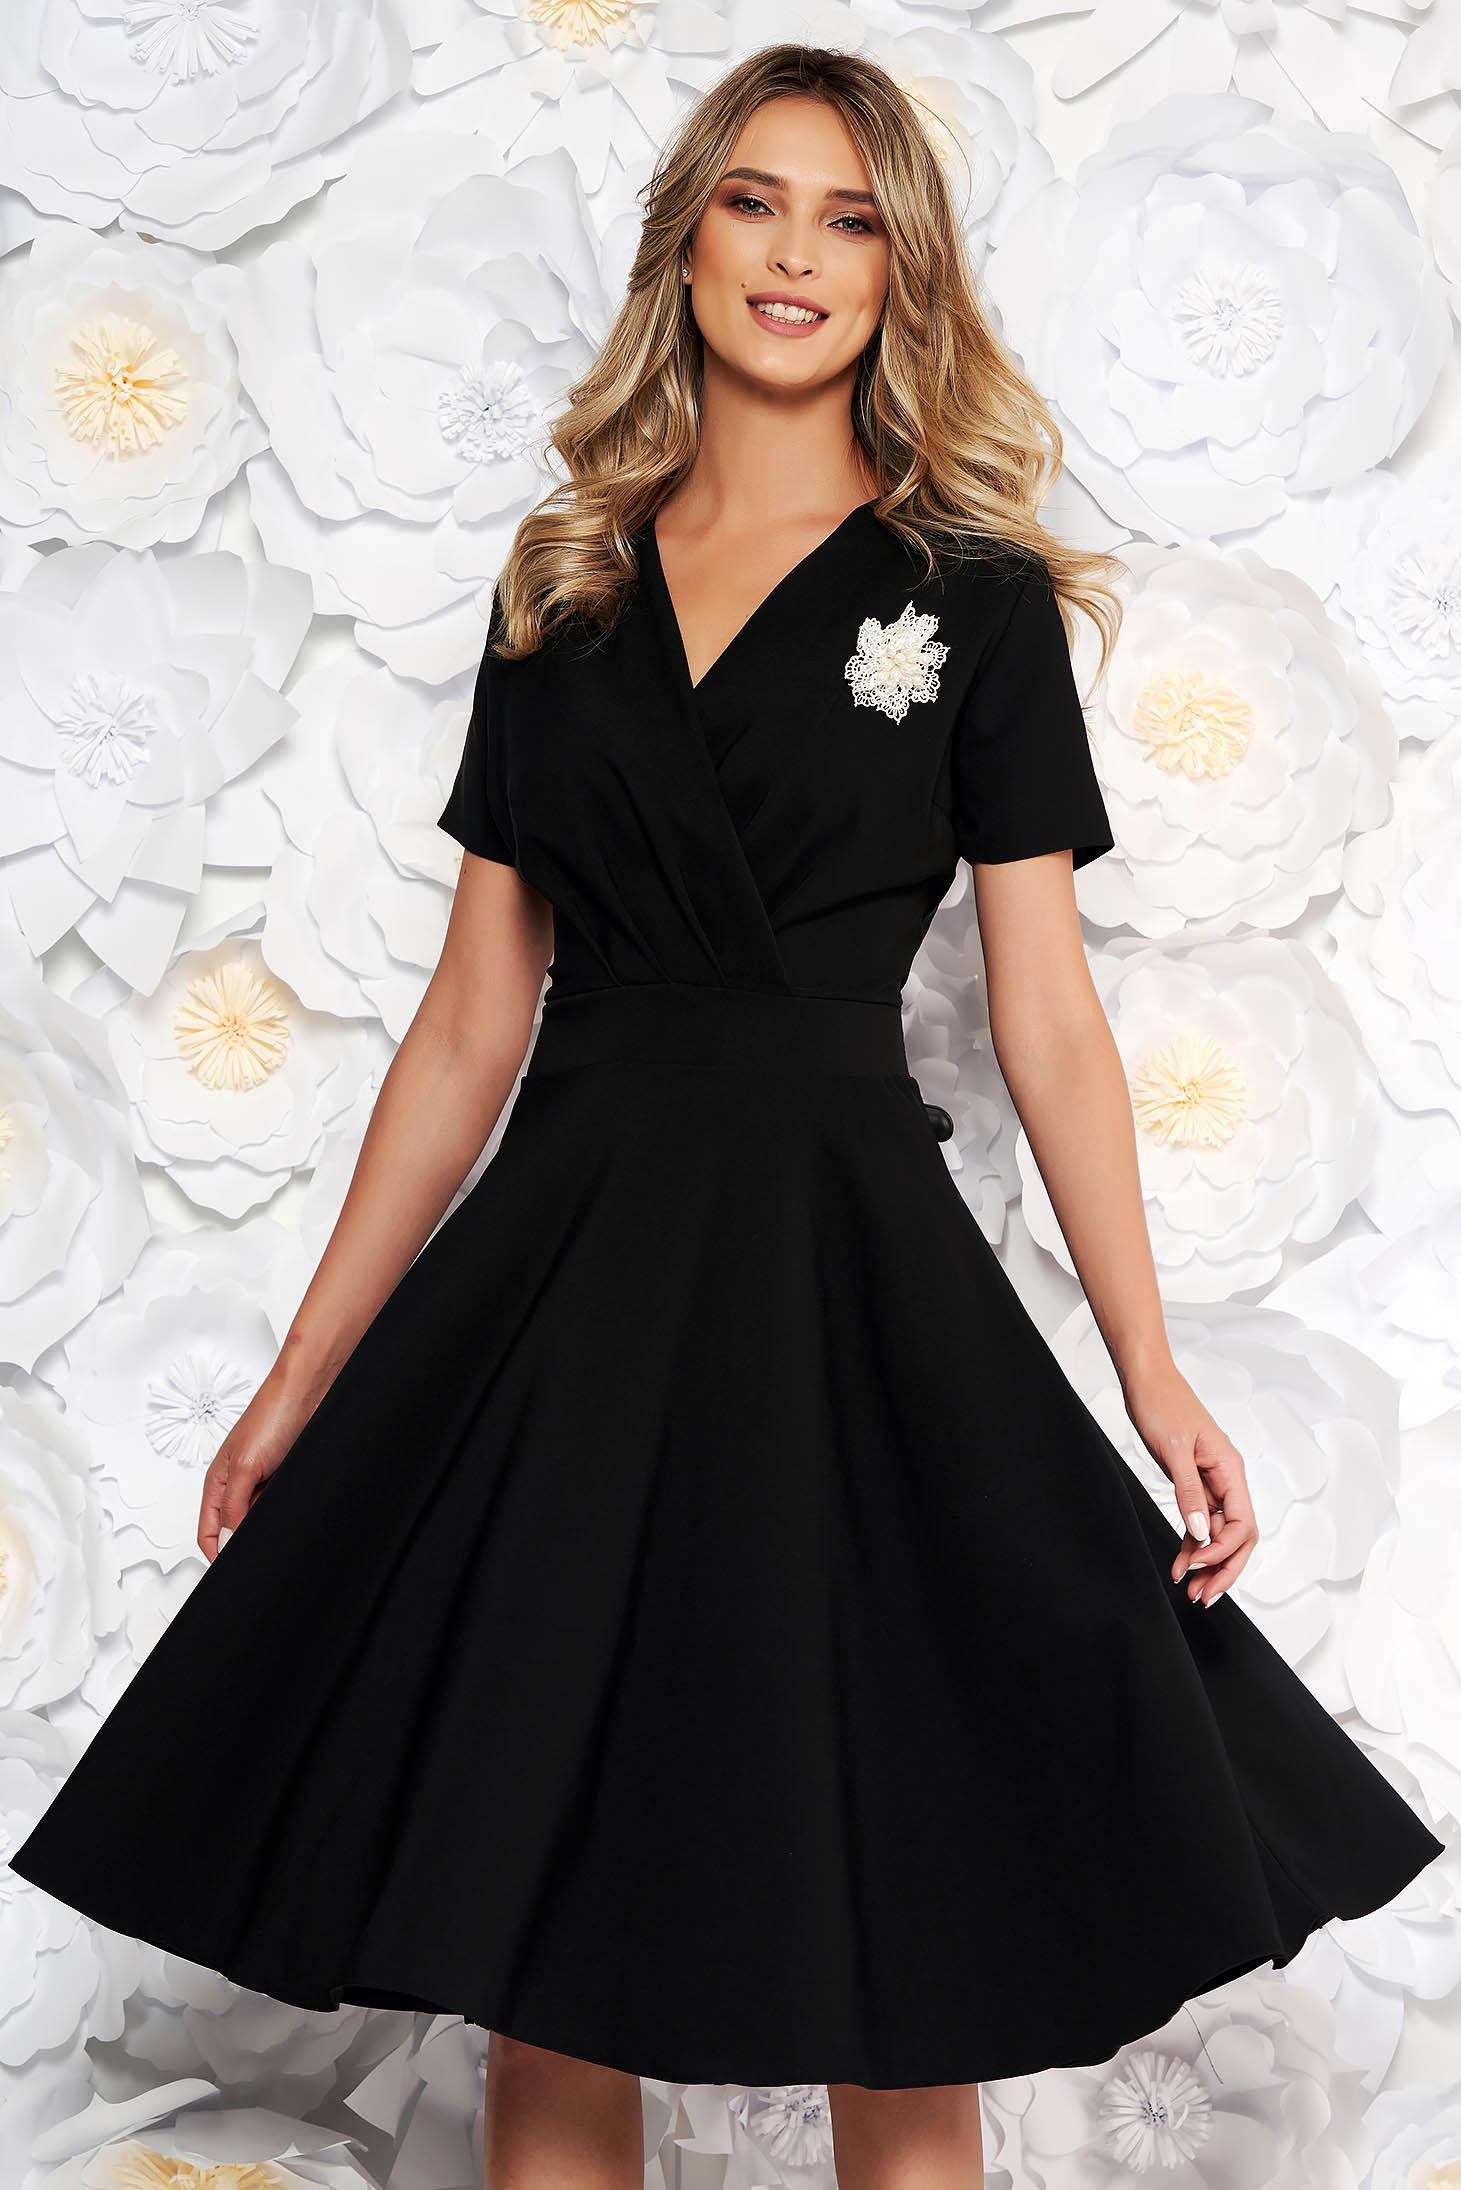 Black elegant cloche dress flexible thin fabric/cloth accessorized with breastpin